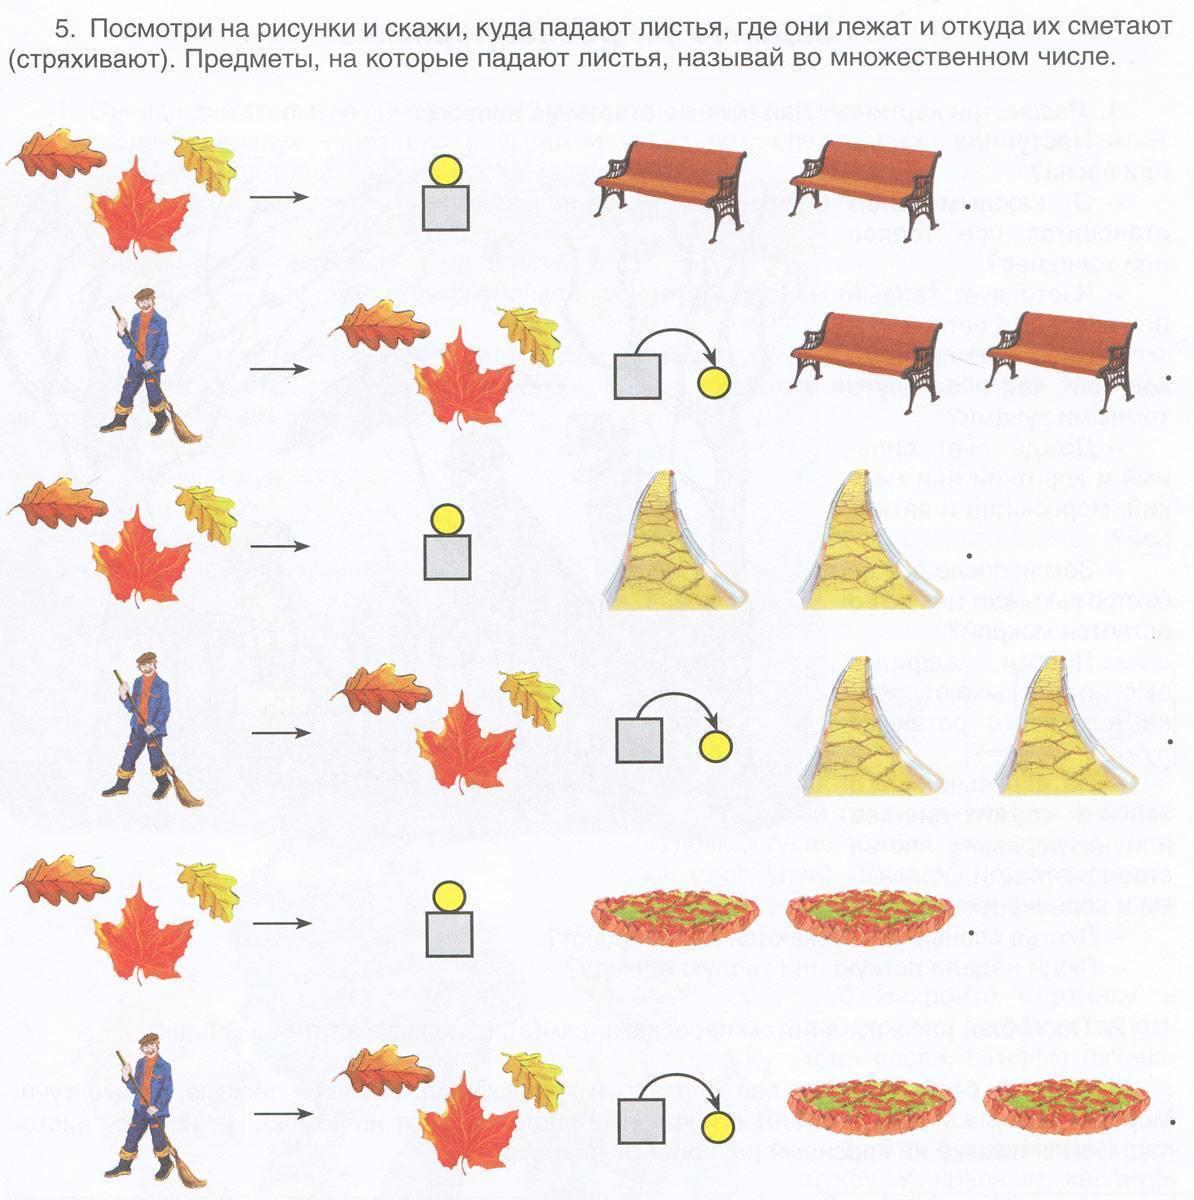 Логопедические занятия для детей 3 лет: упражнения для ребенка 3-4 лет, как разговорить, советы и упражнения